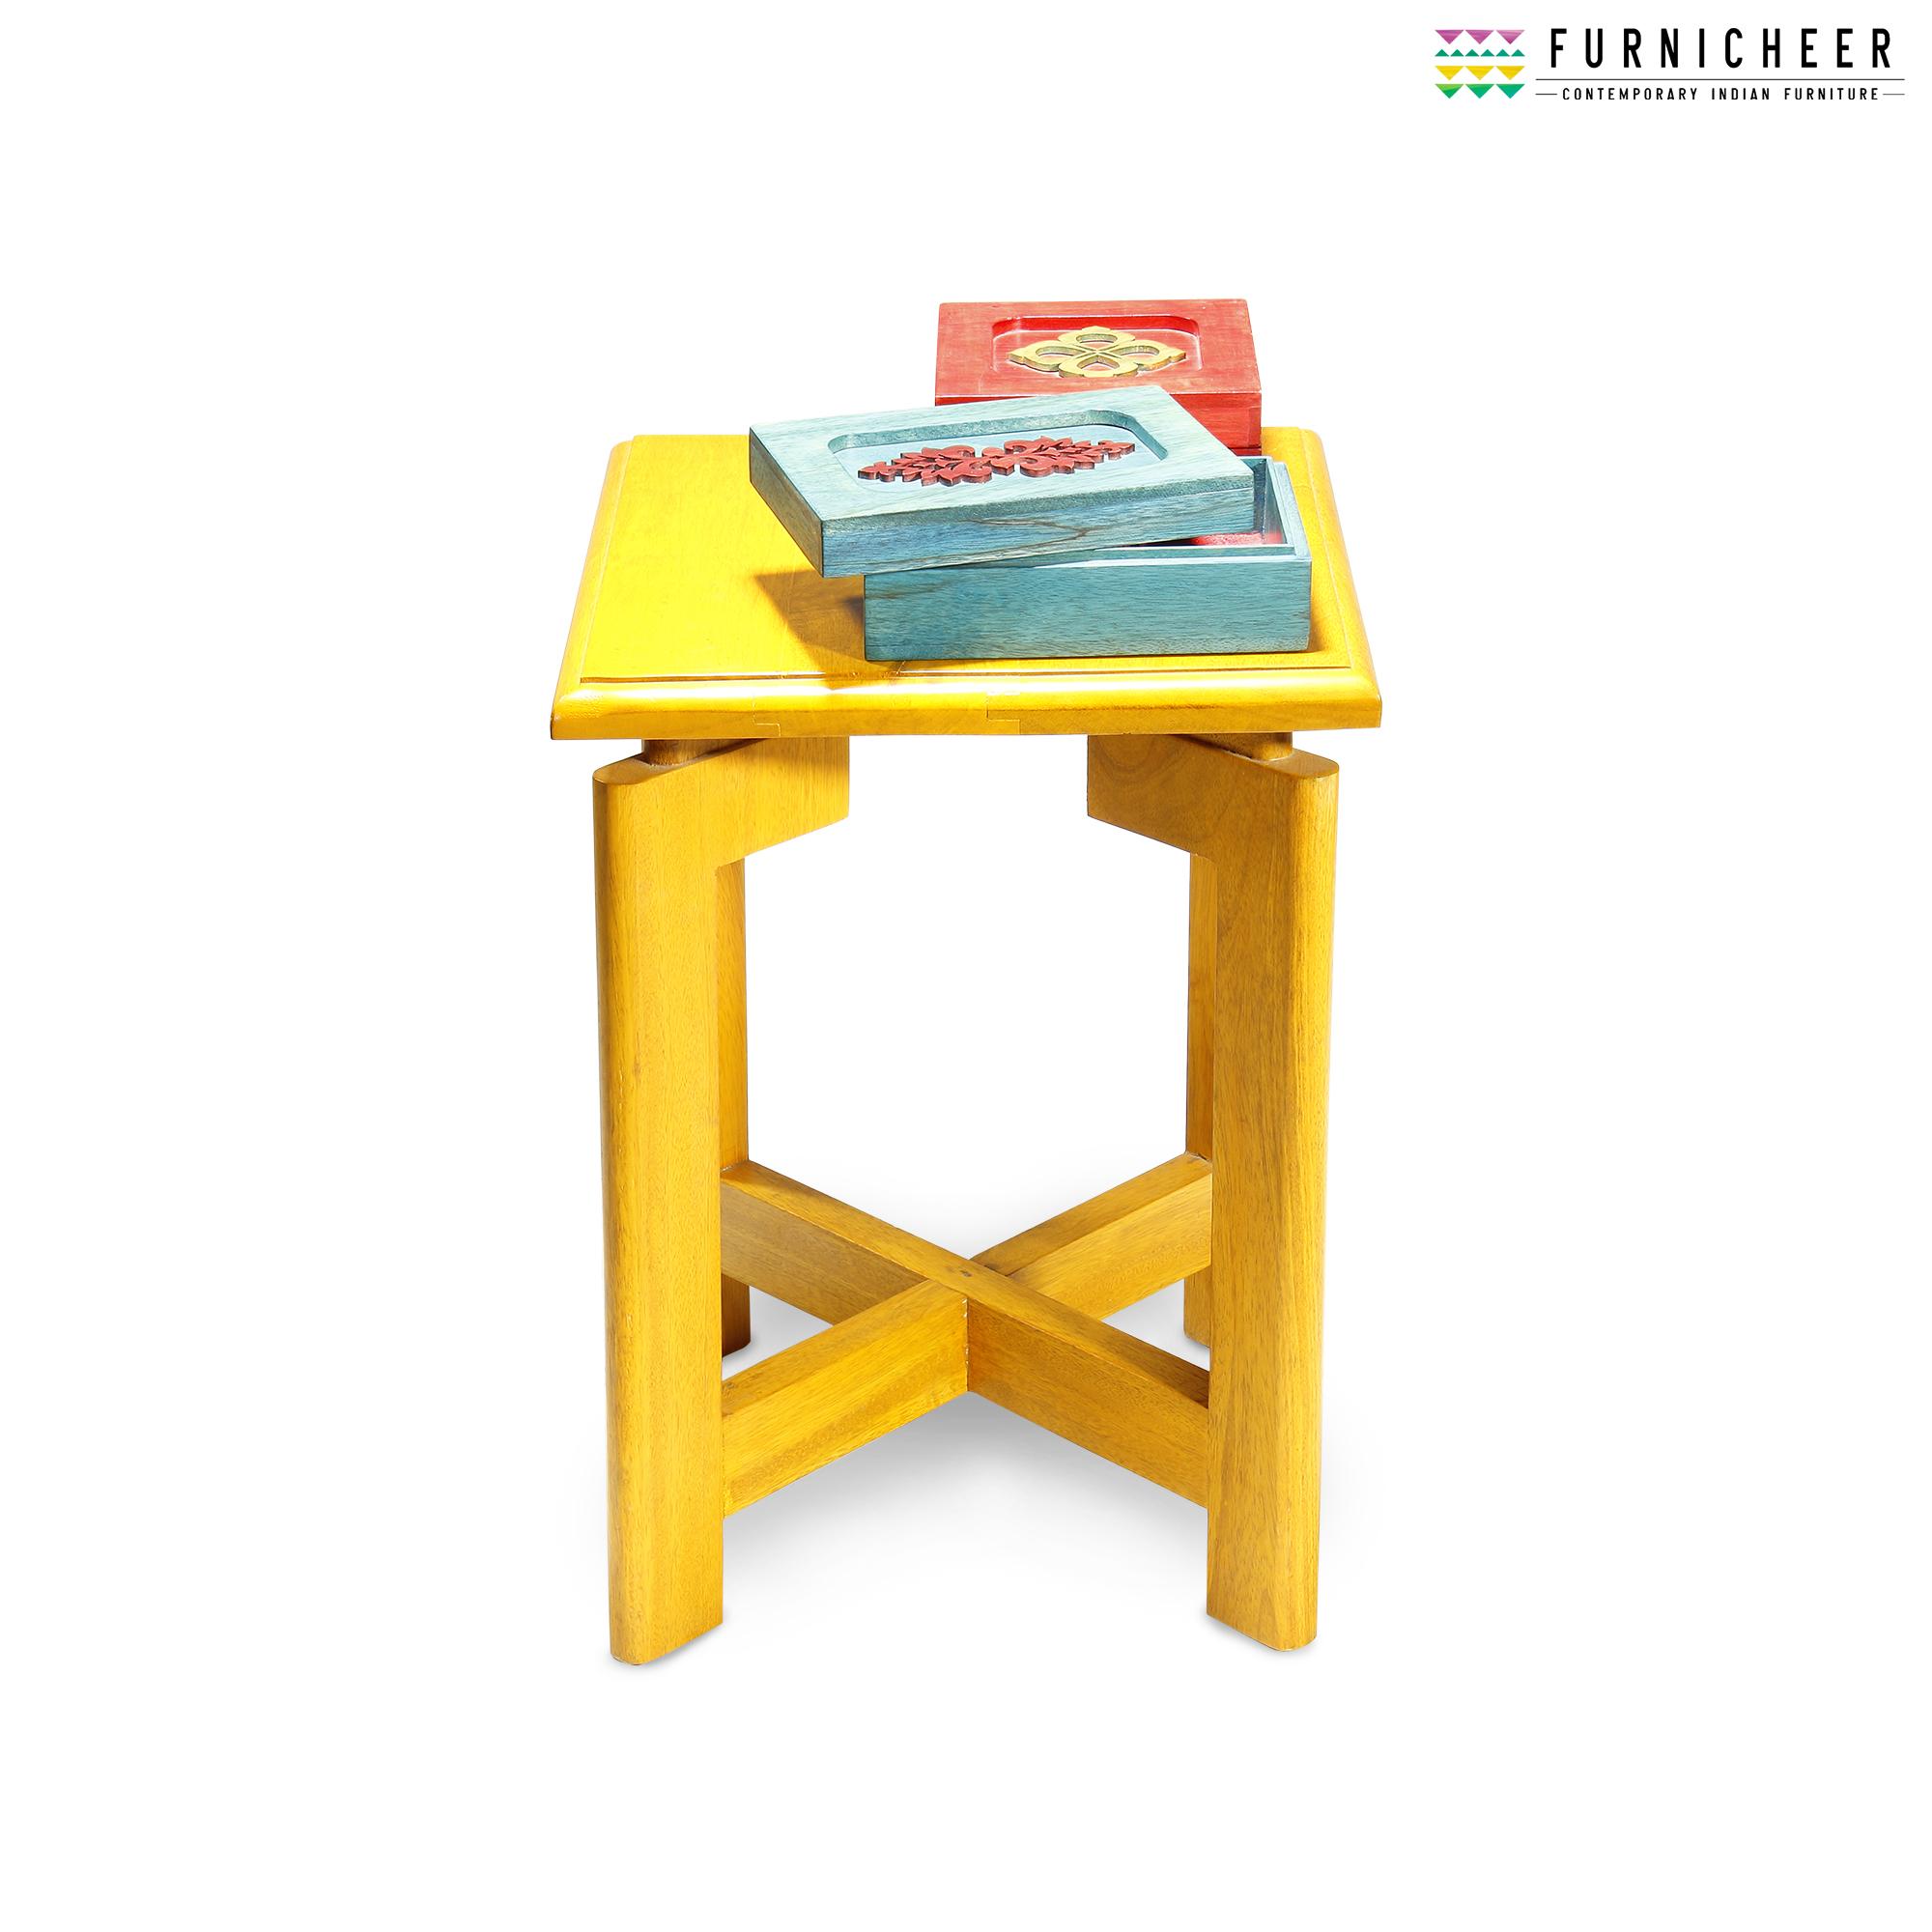 1.SIDE & END TABLE SKU TBYL7269